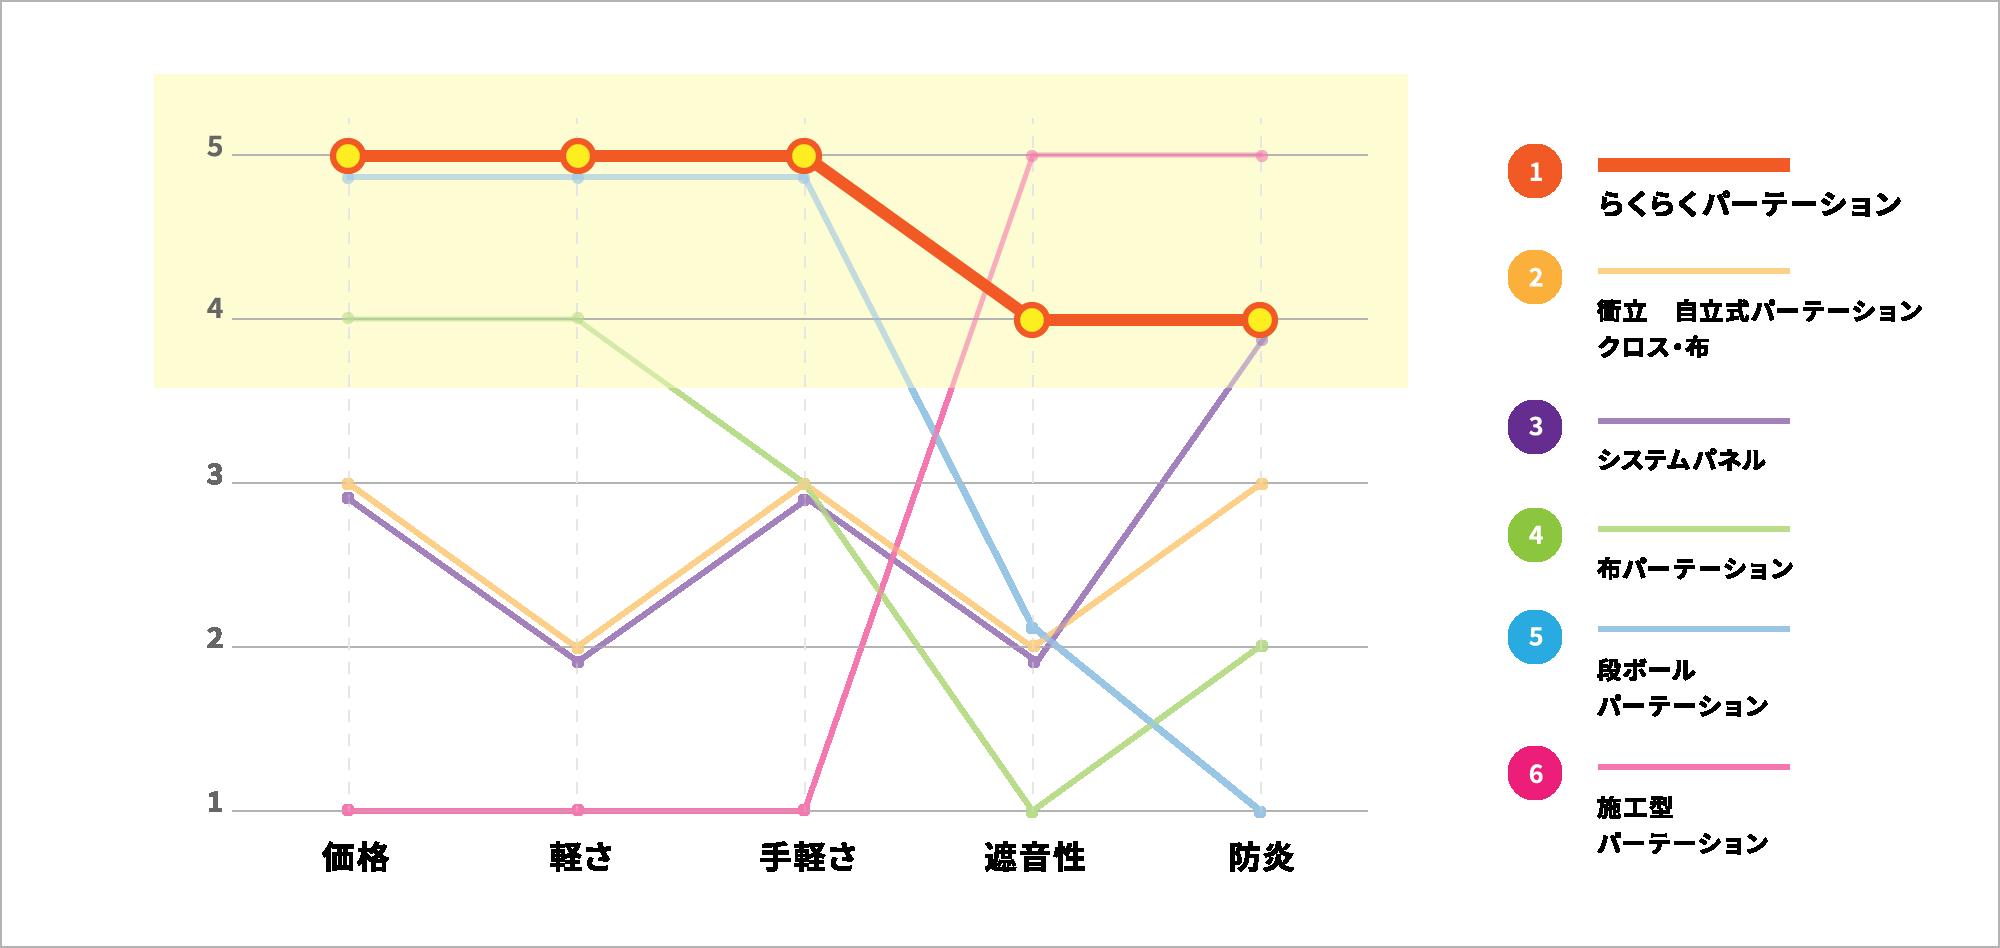 各種パーテーションとの比較 グラフ